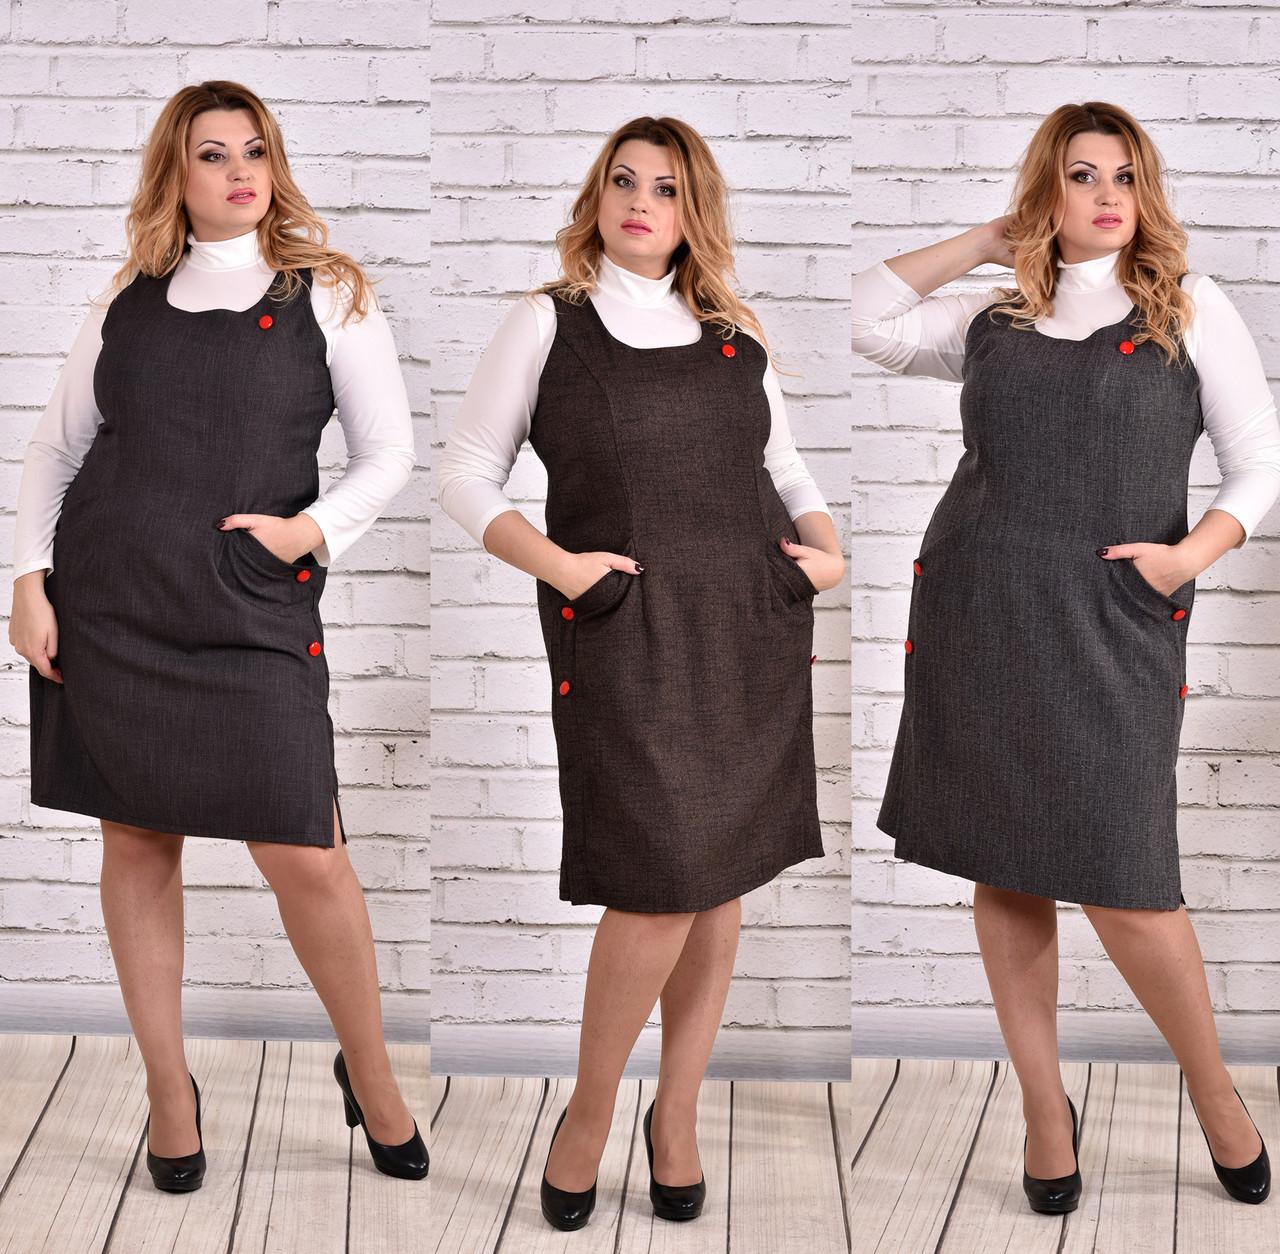 2e3e75d1820a Теплый сарафан больших размеров 0629 - DS Moda - женская одежда оптом от  производителя в Харькове